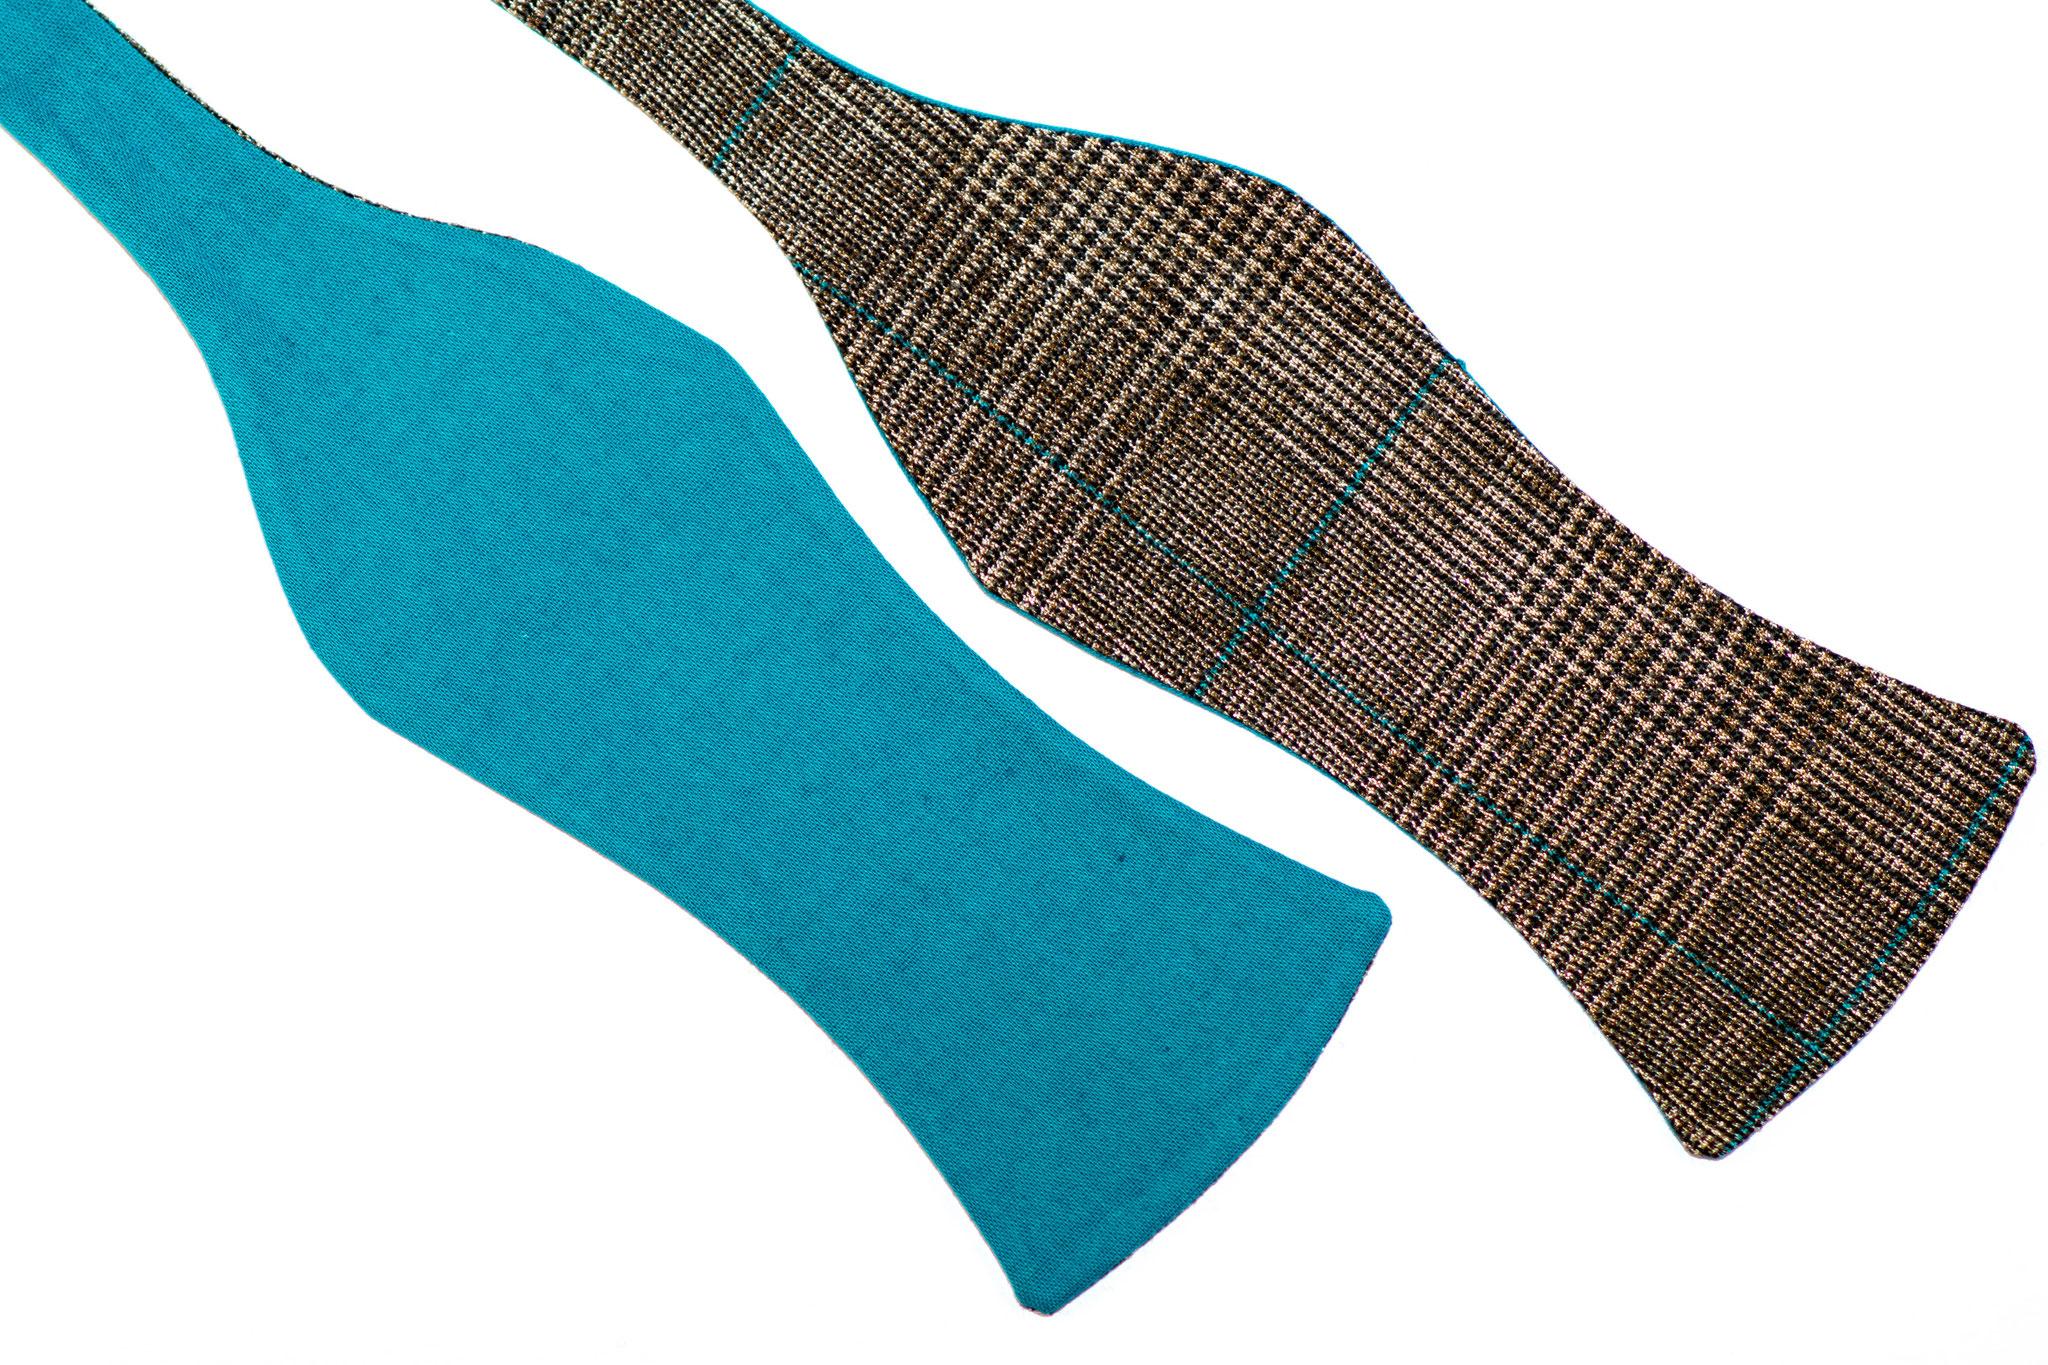 Blaue braune türkise Herren Anzug Schleife zum selberbinden – Selbstbinder